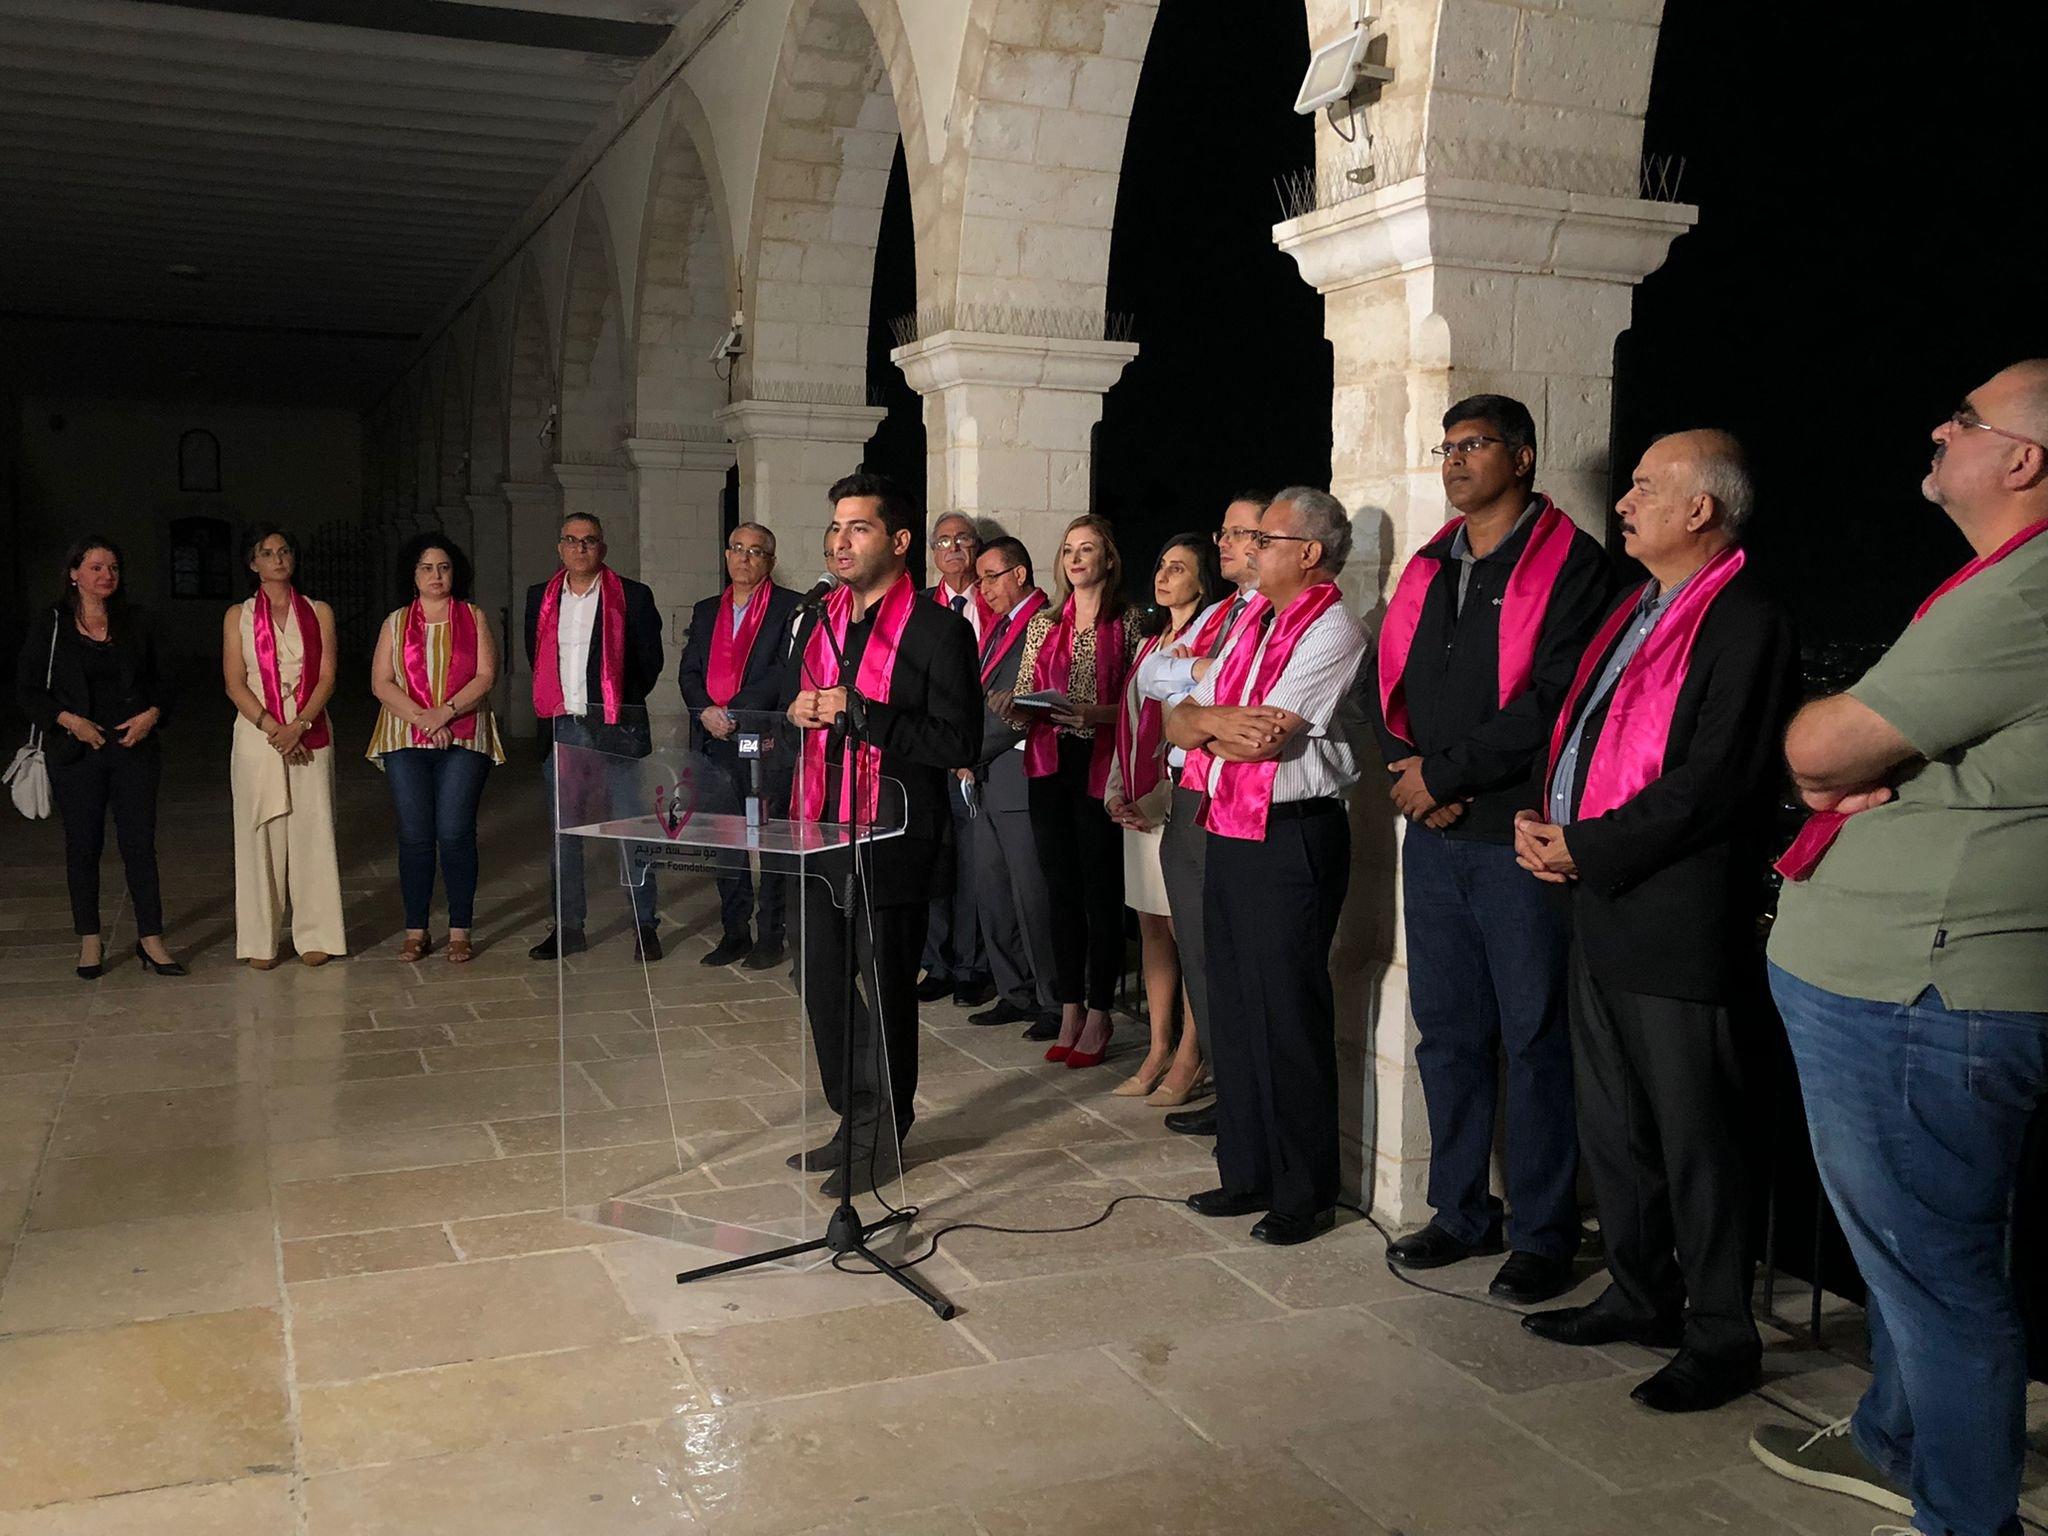 جمعية مريم تنظم أمسية التوعية الأكبر لسرطان الثدي وتضيء كنيسة السالزيان باللون الزهري-3